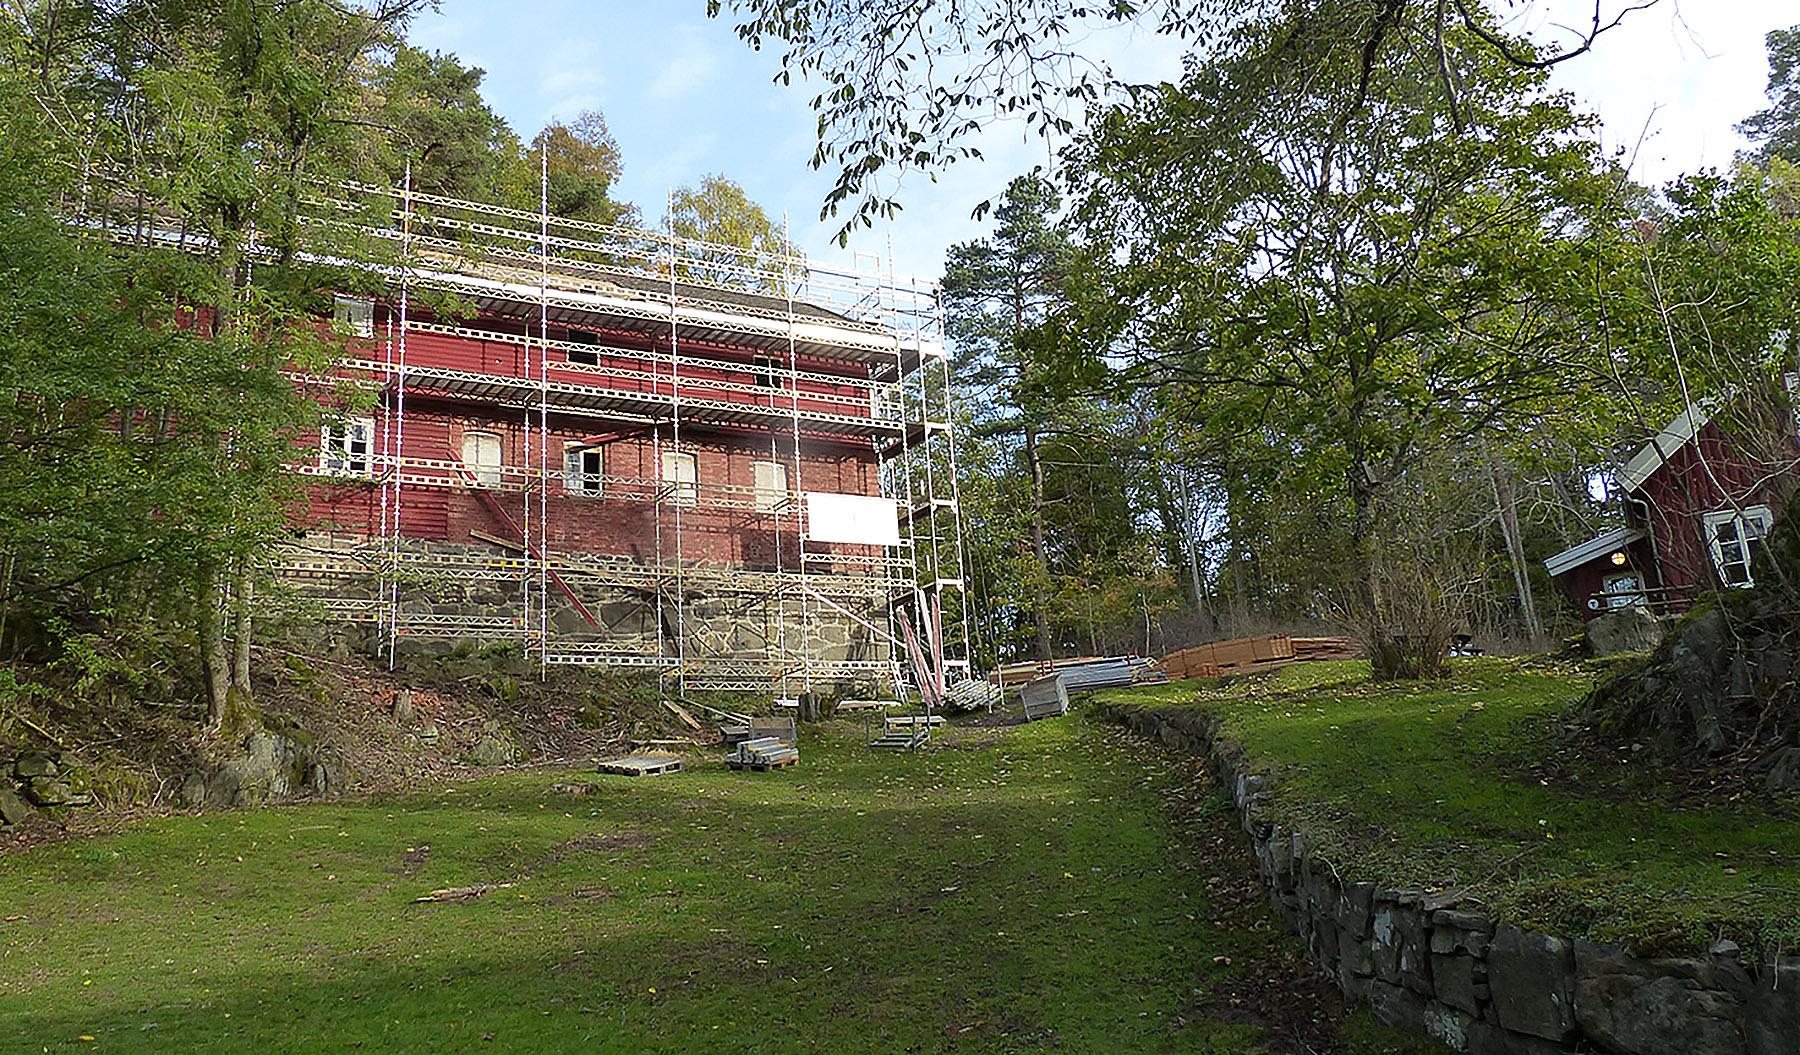 Det er Sollie Bygg AS fra Risør som har fått oppdraget med å restaurere låven – det vil si prosjektets første byggetrinn: Tak og bærende konstruksjon.